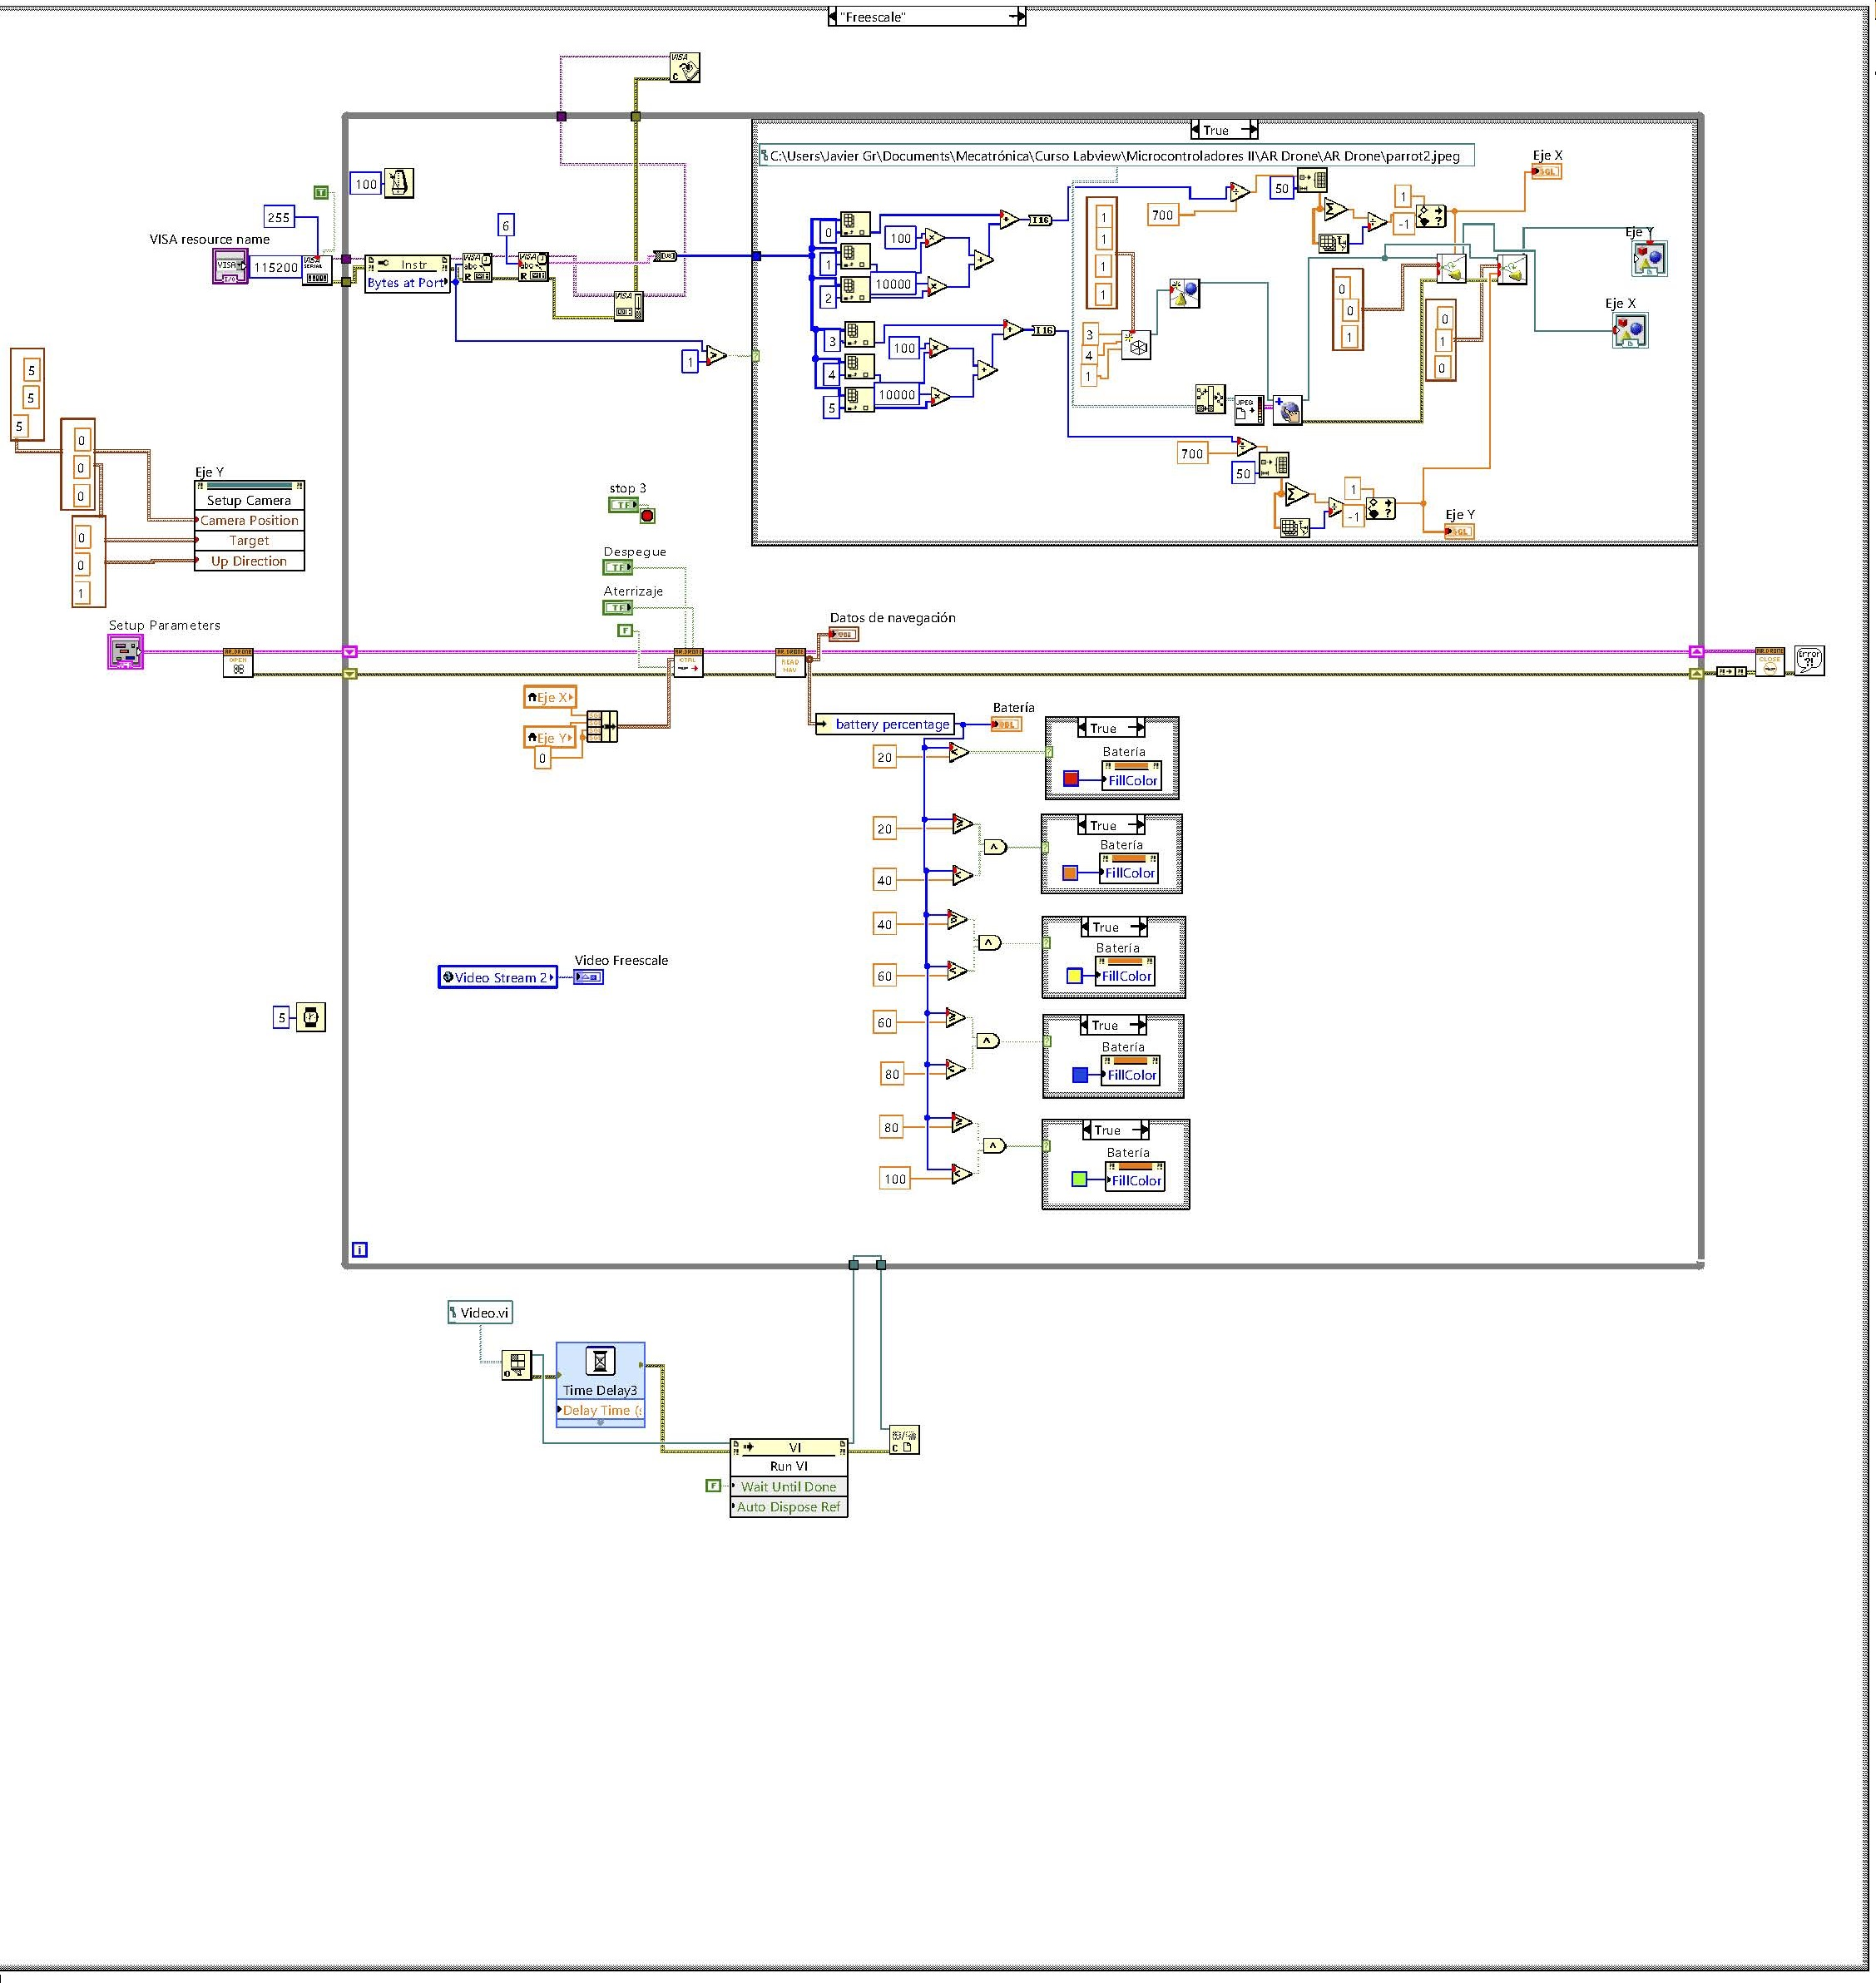 AR Drone 2 0 Multiple Manipulation [LabVIEW MakerHub]